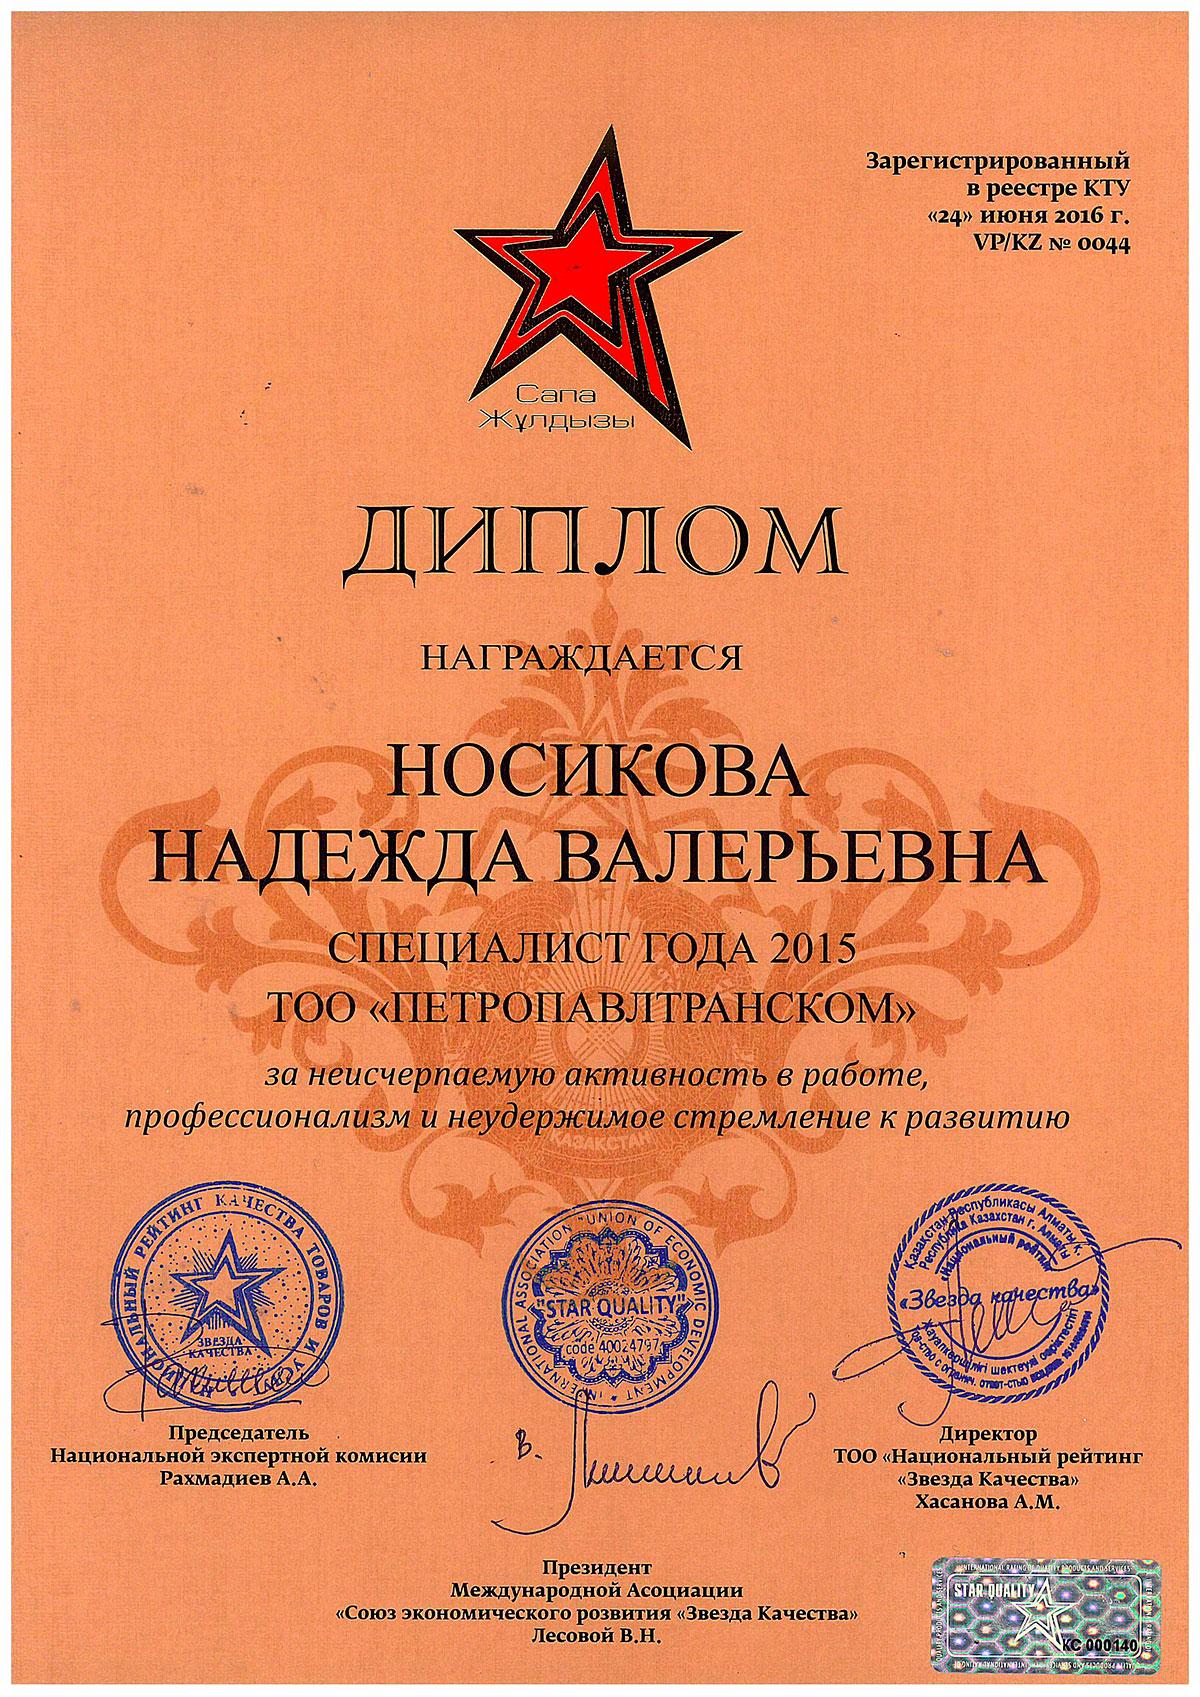 Награды ПетропавлТрансКом  Почетный диплом